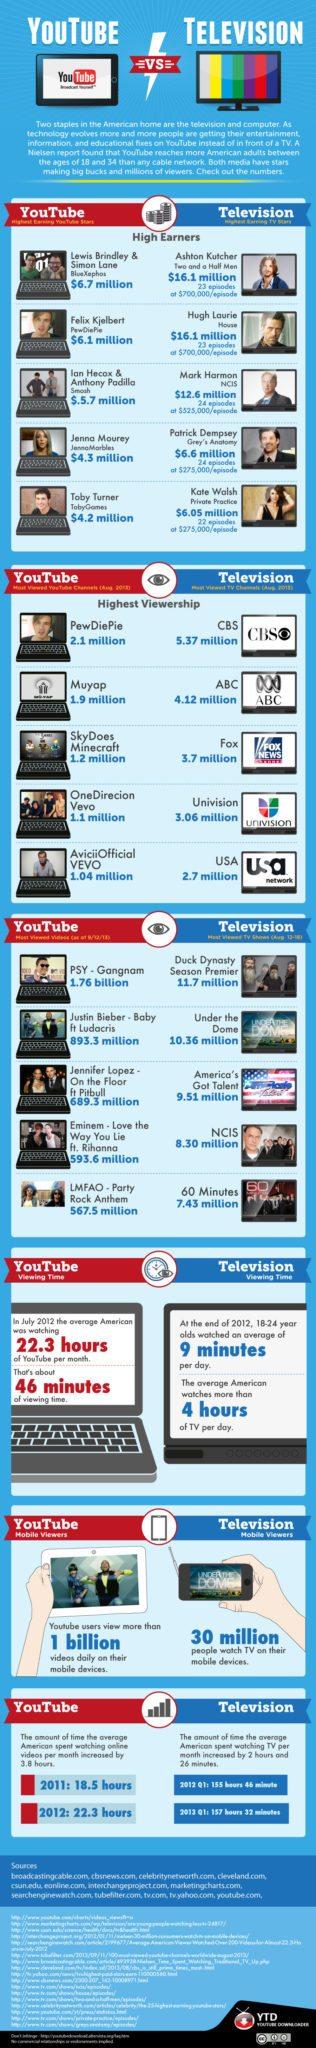 youtube-vs-tv